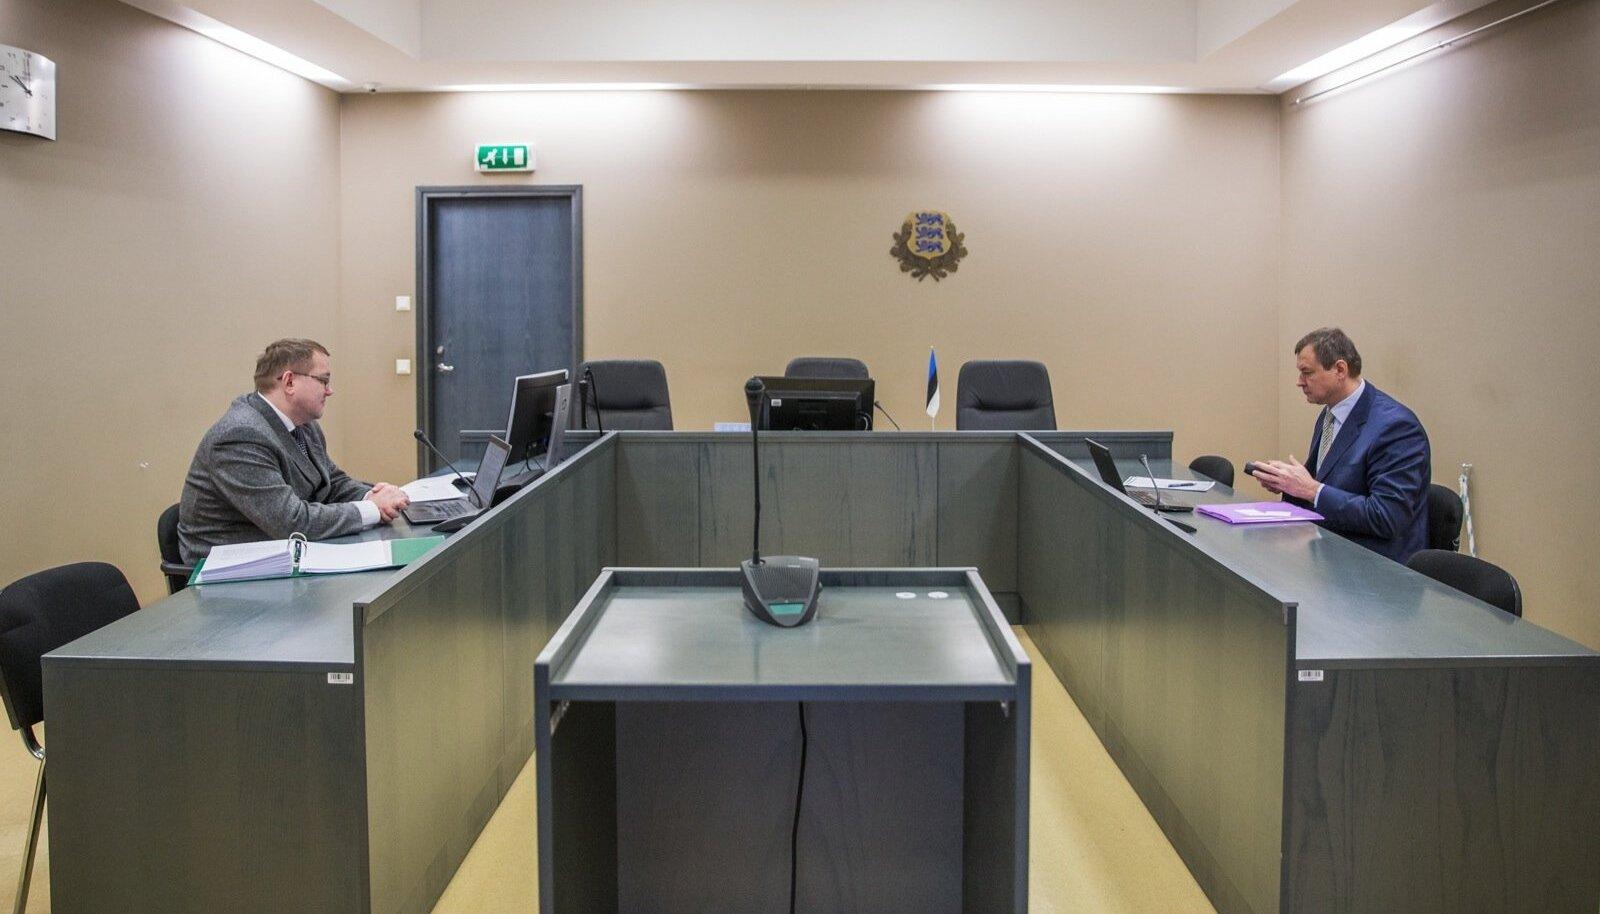 Apotheka ja ravimiameti vaidlus Tartu halduskohtus kiskus üpris tuliseks.